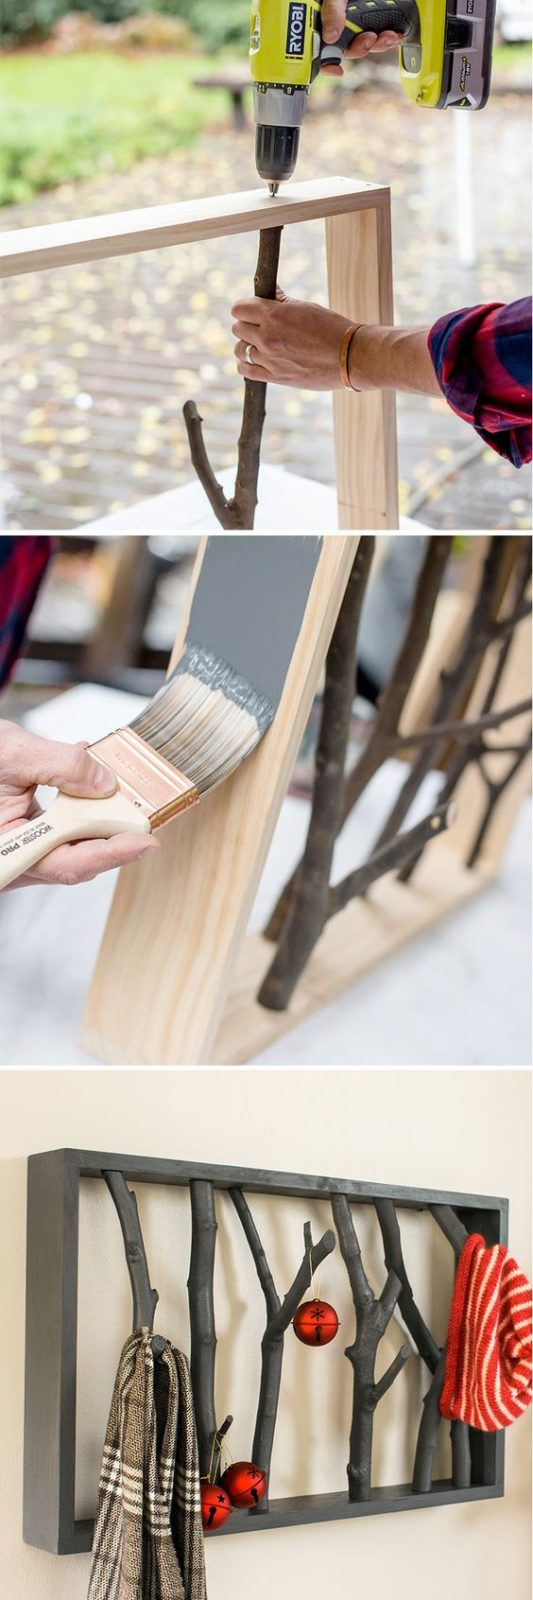 Что можно сделать своими руками: вешалка из веток